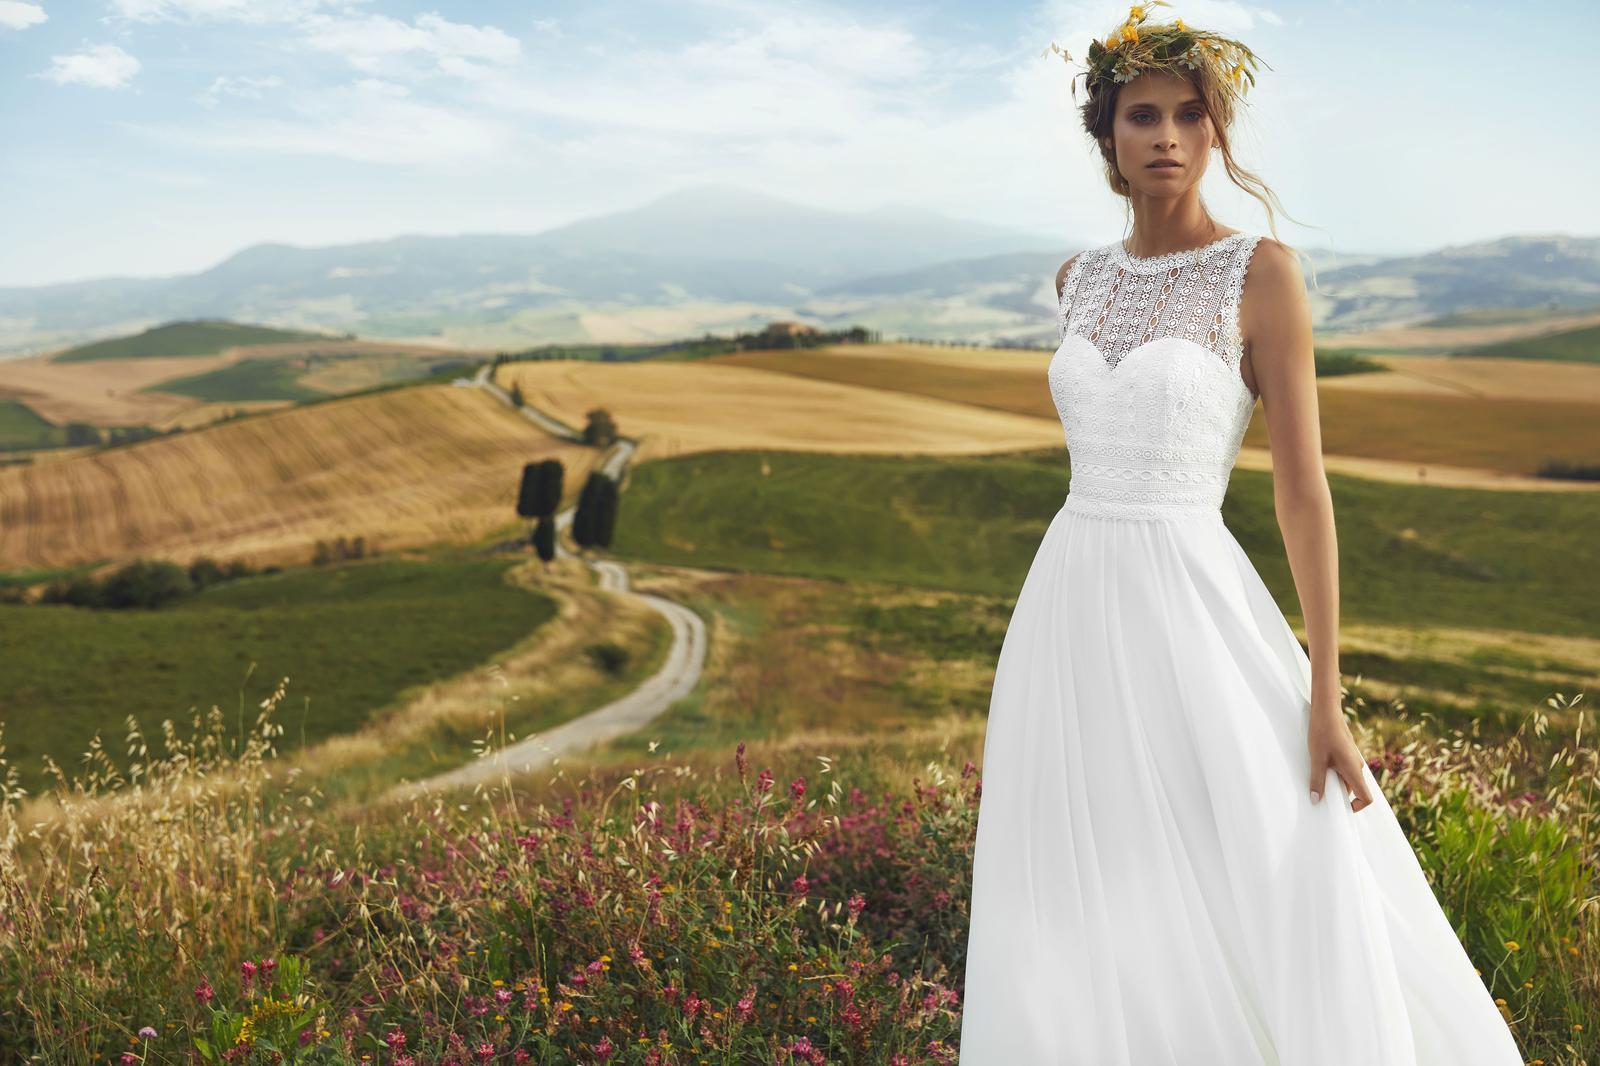 Weda Collection 2019 - nové svadobné šaty na predaj za skvelé ceny - Ophelia